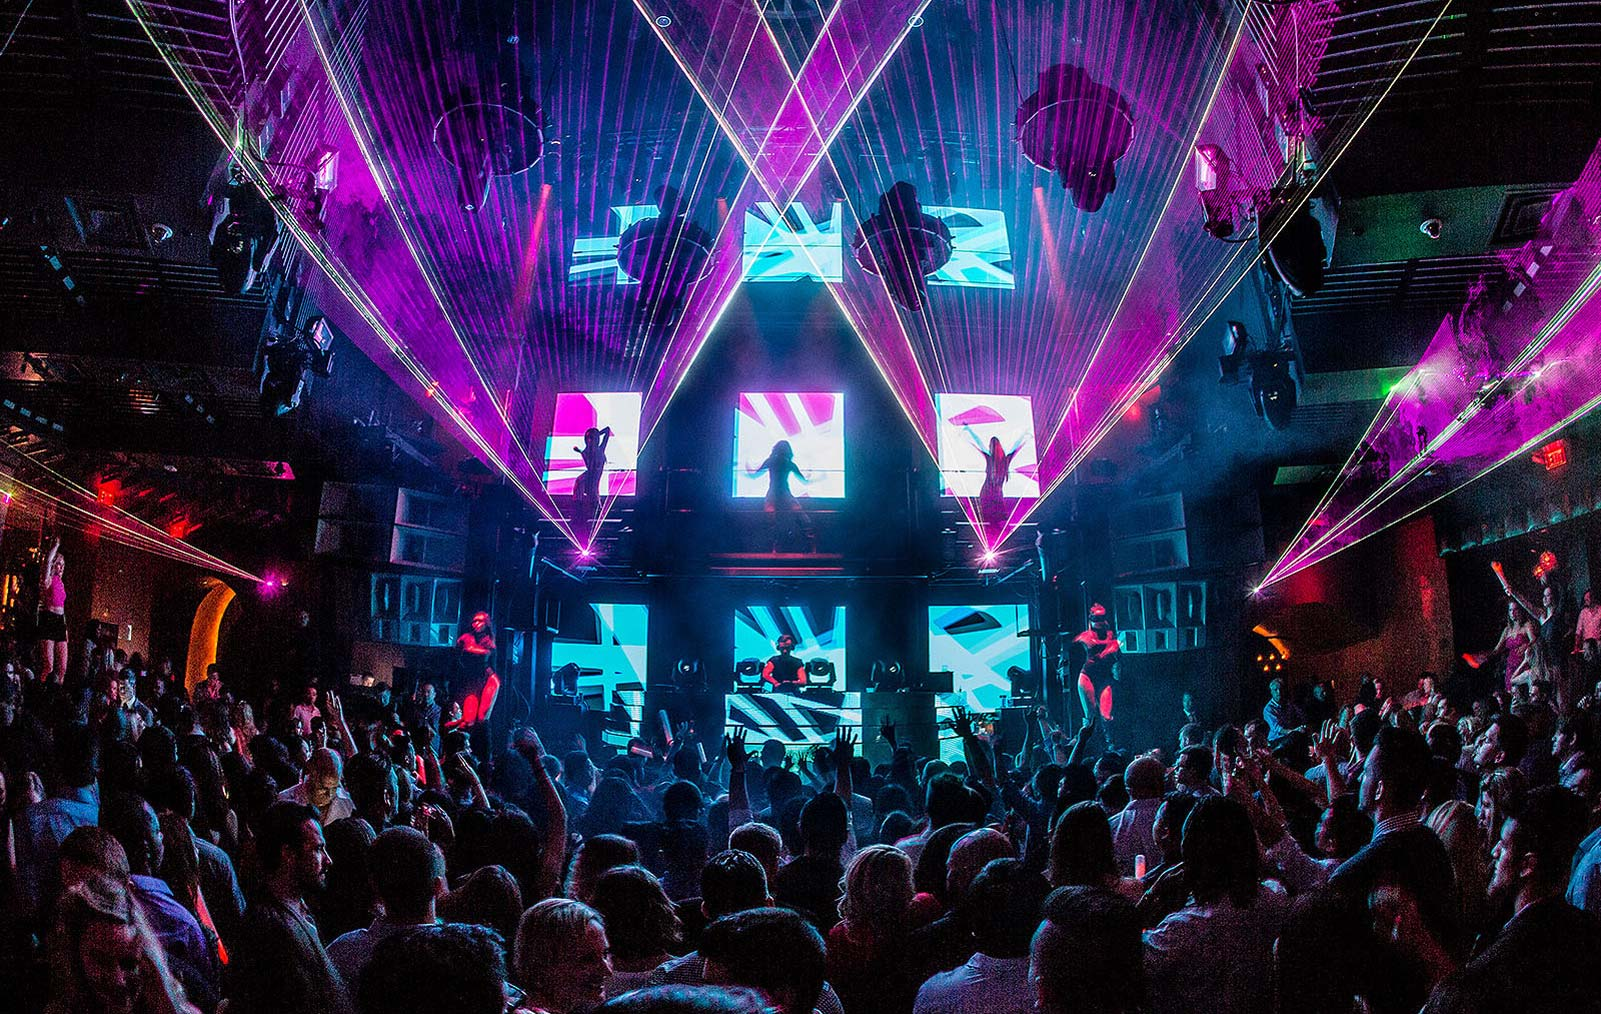 Cosmopolitan Las Vegas Nightclub - Cosmopolitan Las Vegas Bars